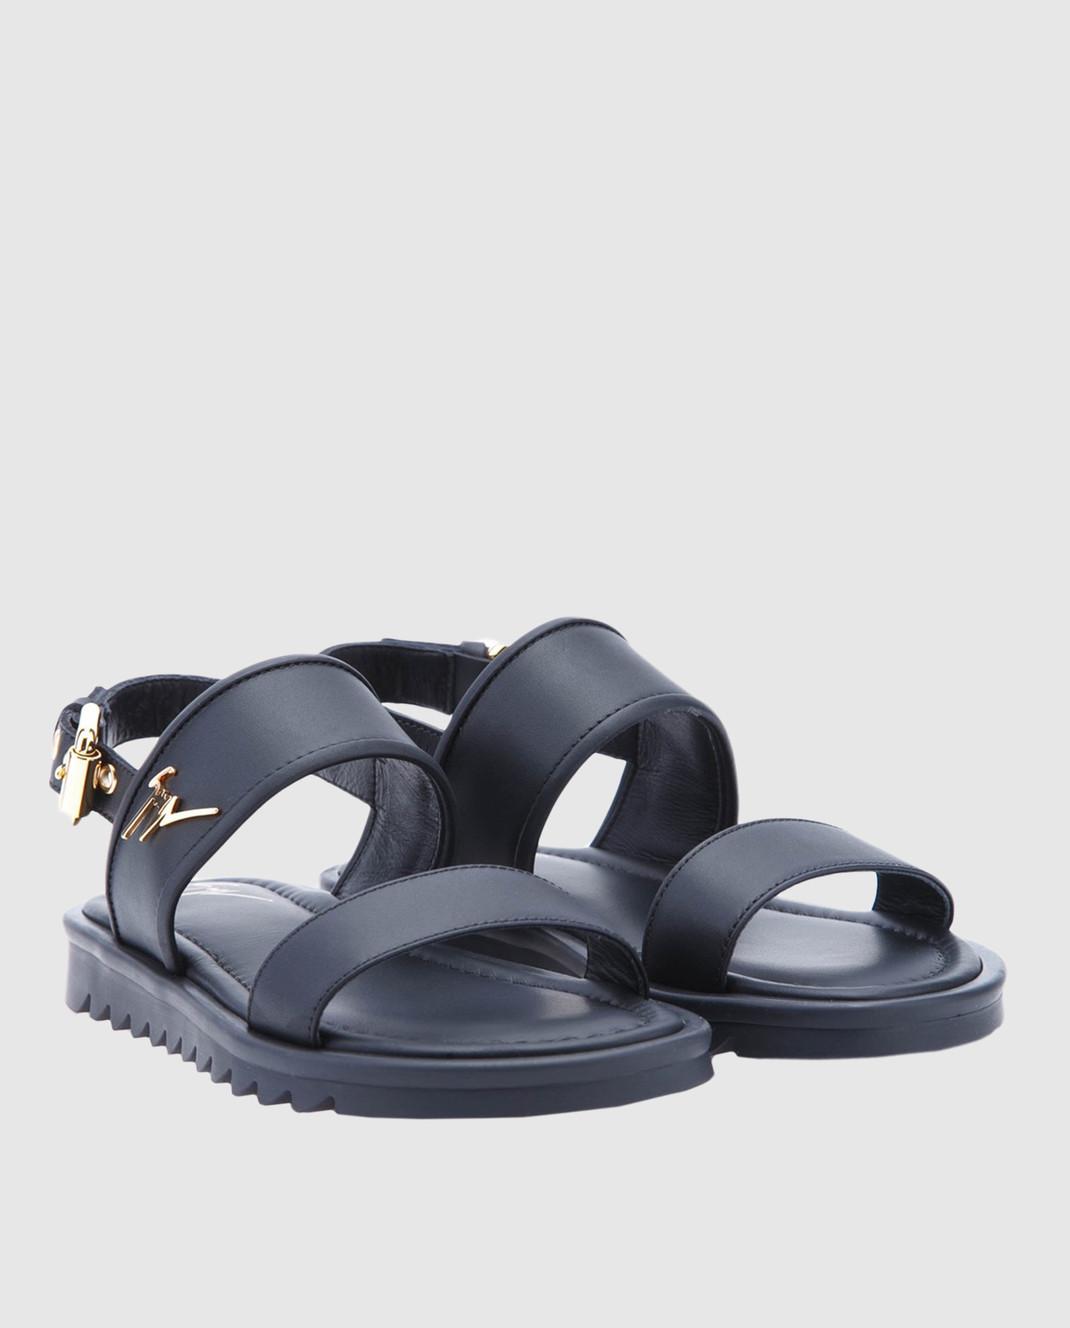 Giuseppe Zanotti Детские черные кожаные сандалии SBE8409001 изображение 2